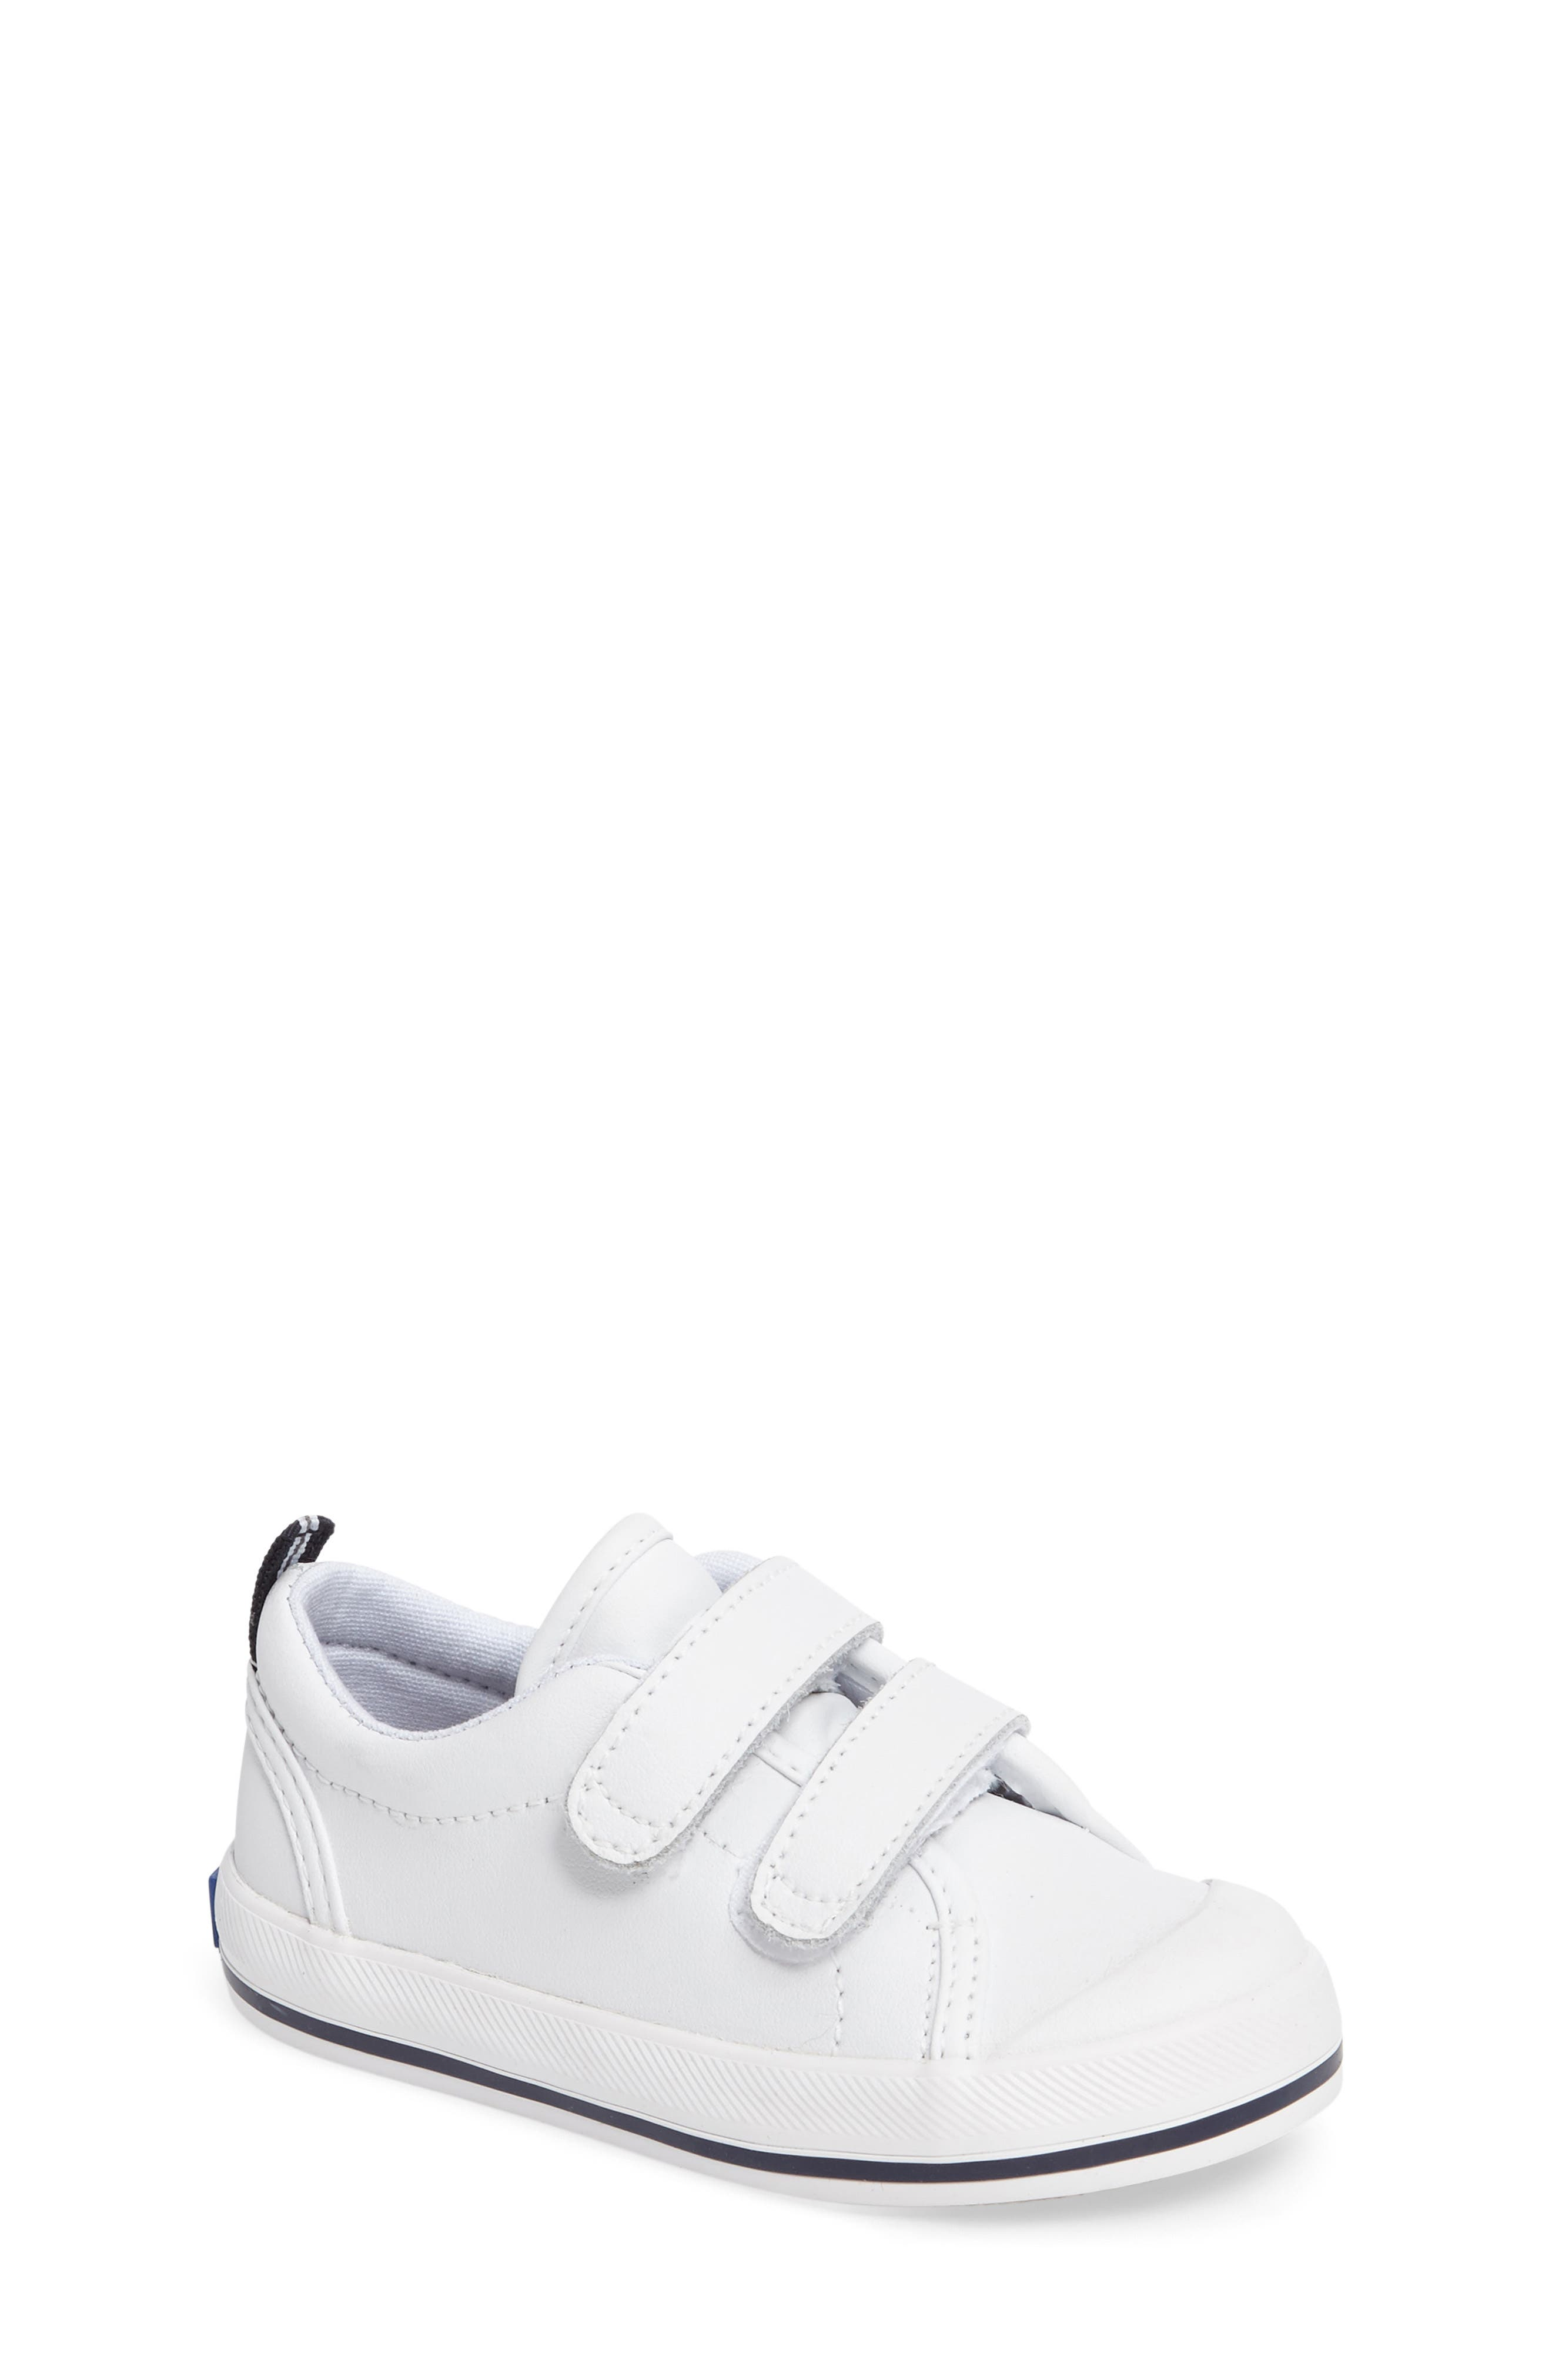 'Graham' Hook & Loop Sneaker,                             Main thumbnail 1, color,